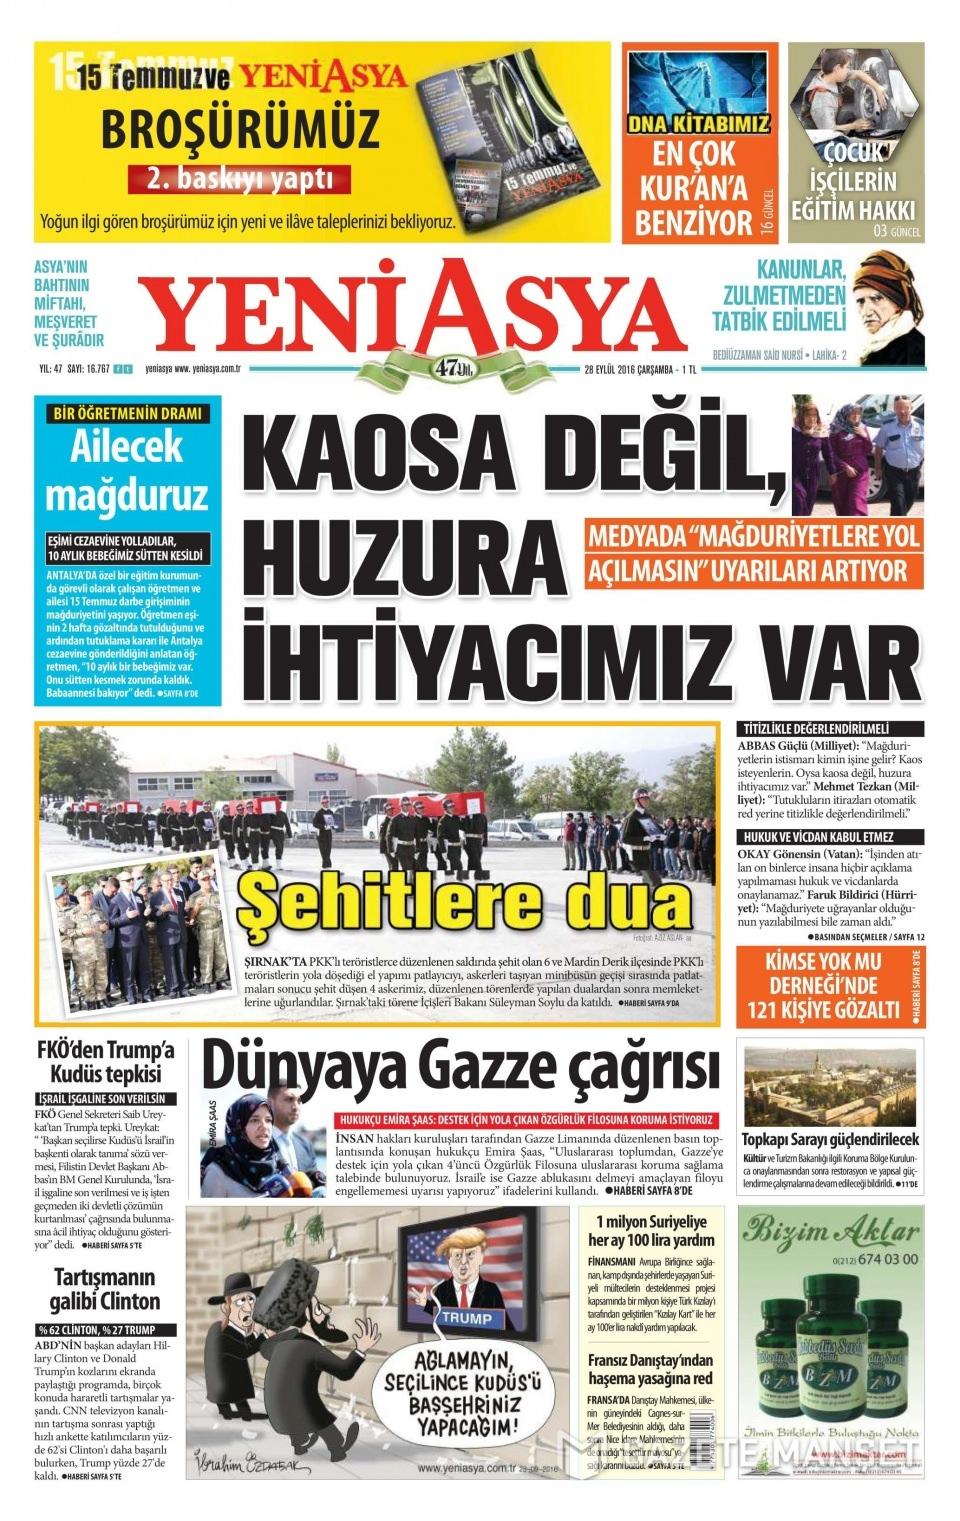 28 Eylül Çarşamba gazete manşetleri 23